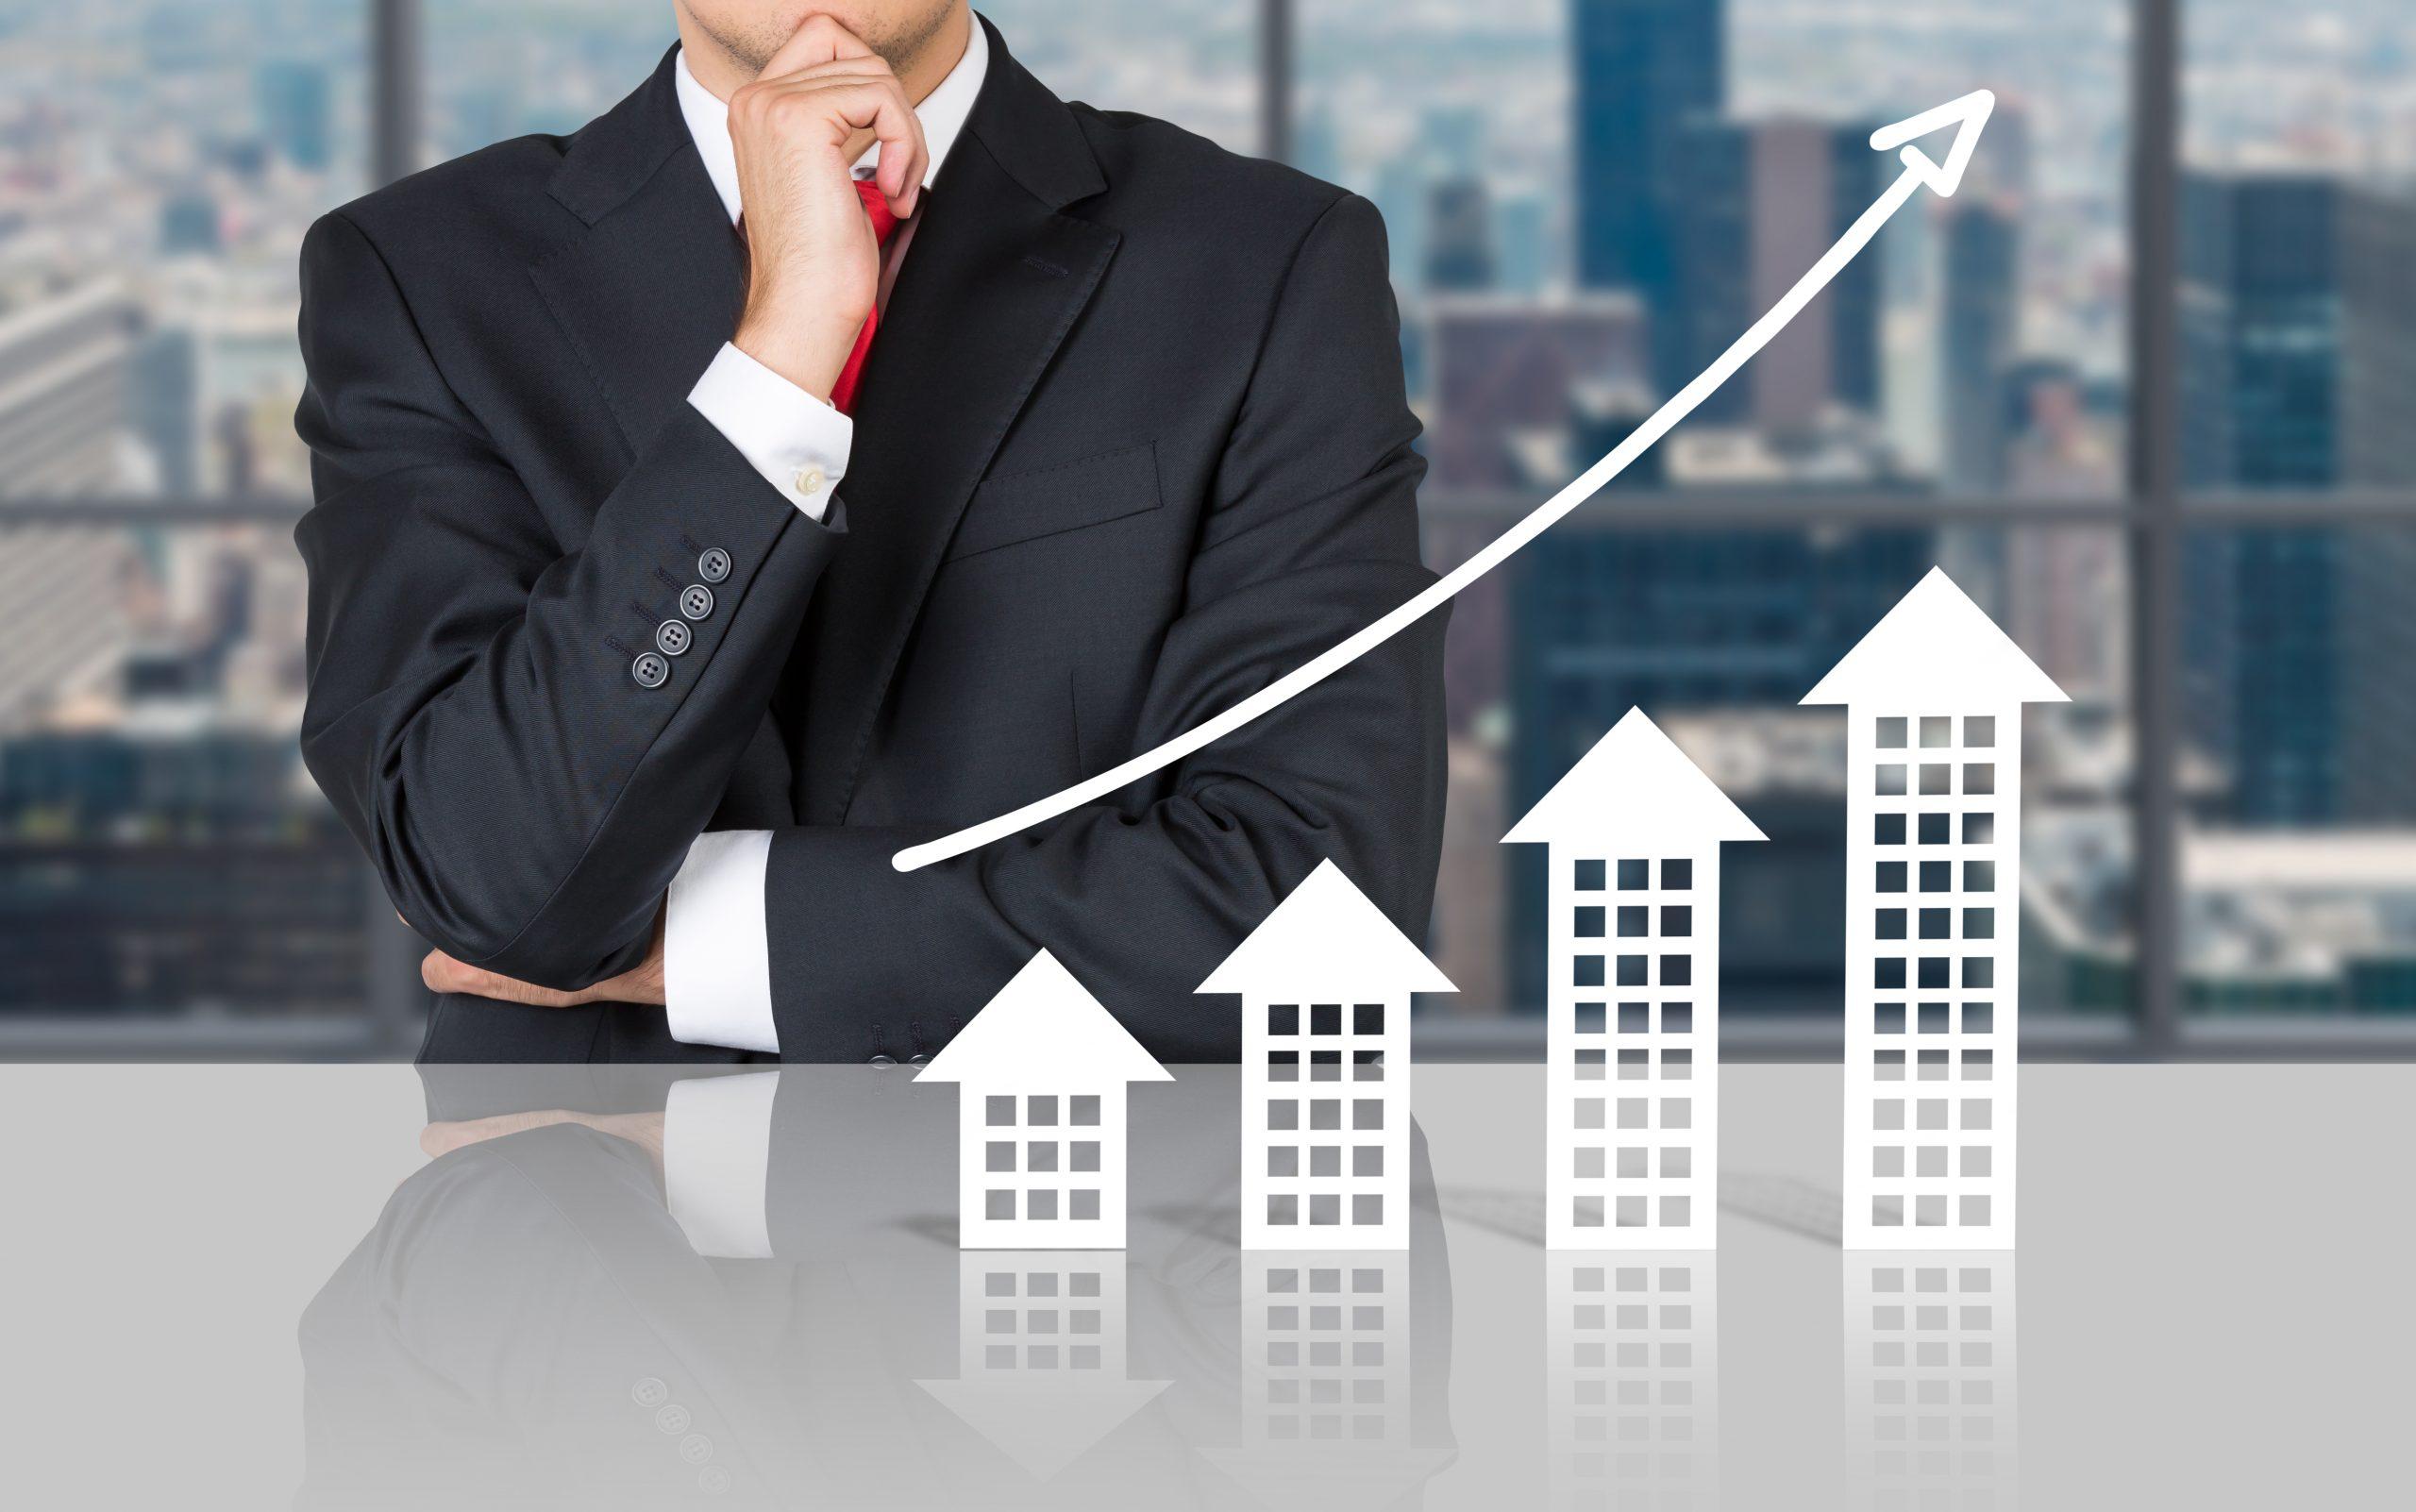 Immobilien weiterhin teuer – Spitzenreiter München und Oberbayern